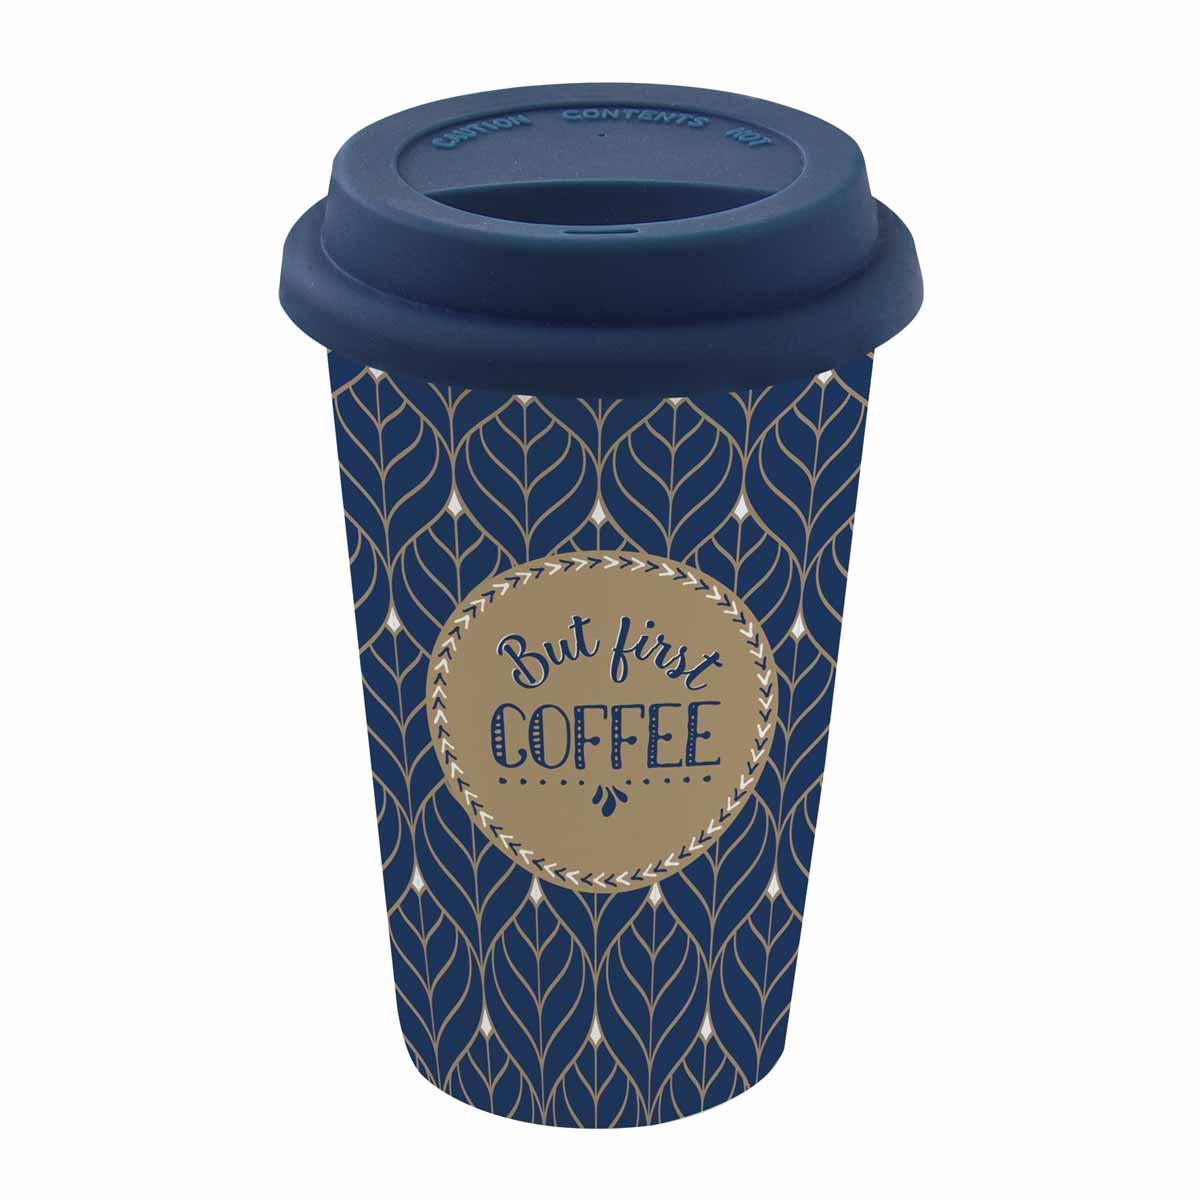 Κούπα Ταξιδίου Με Καπάκι Marva Coffee 129ΤΜ04 home   κουζίνα   τραπεζαρία   κούπες   φλυτζάνια